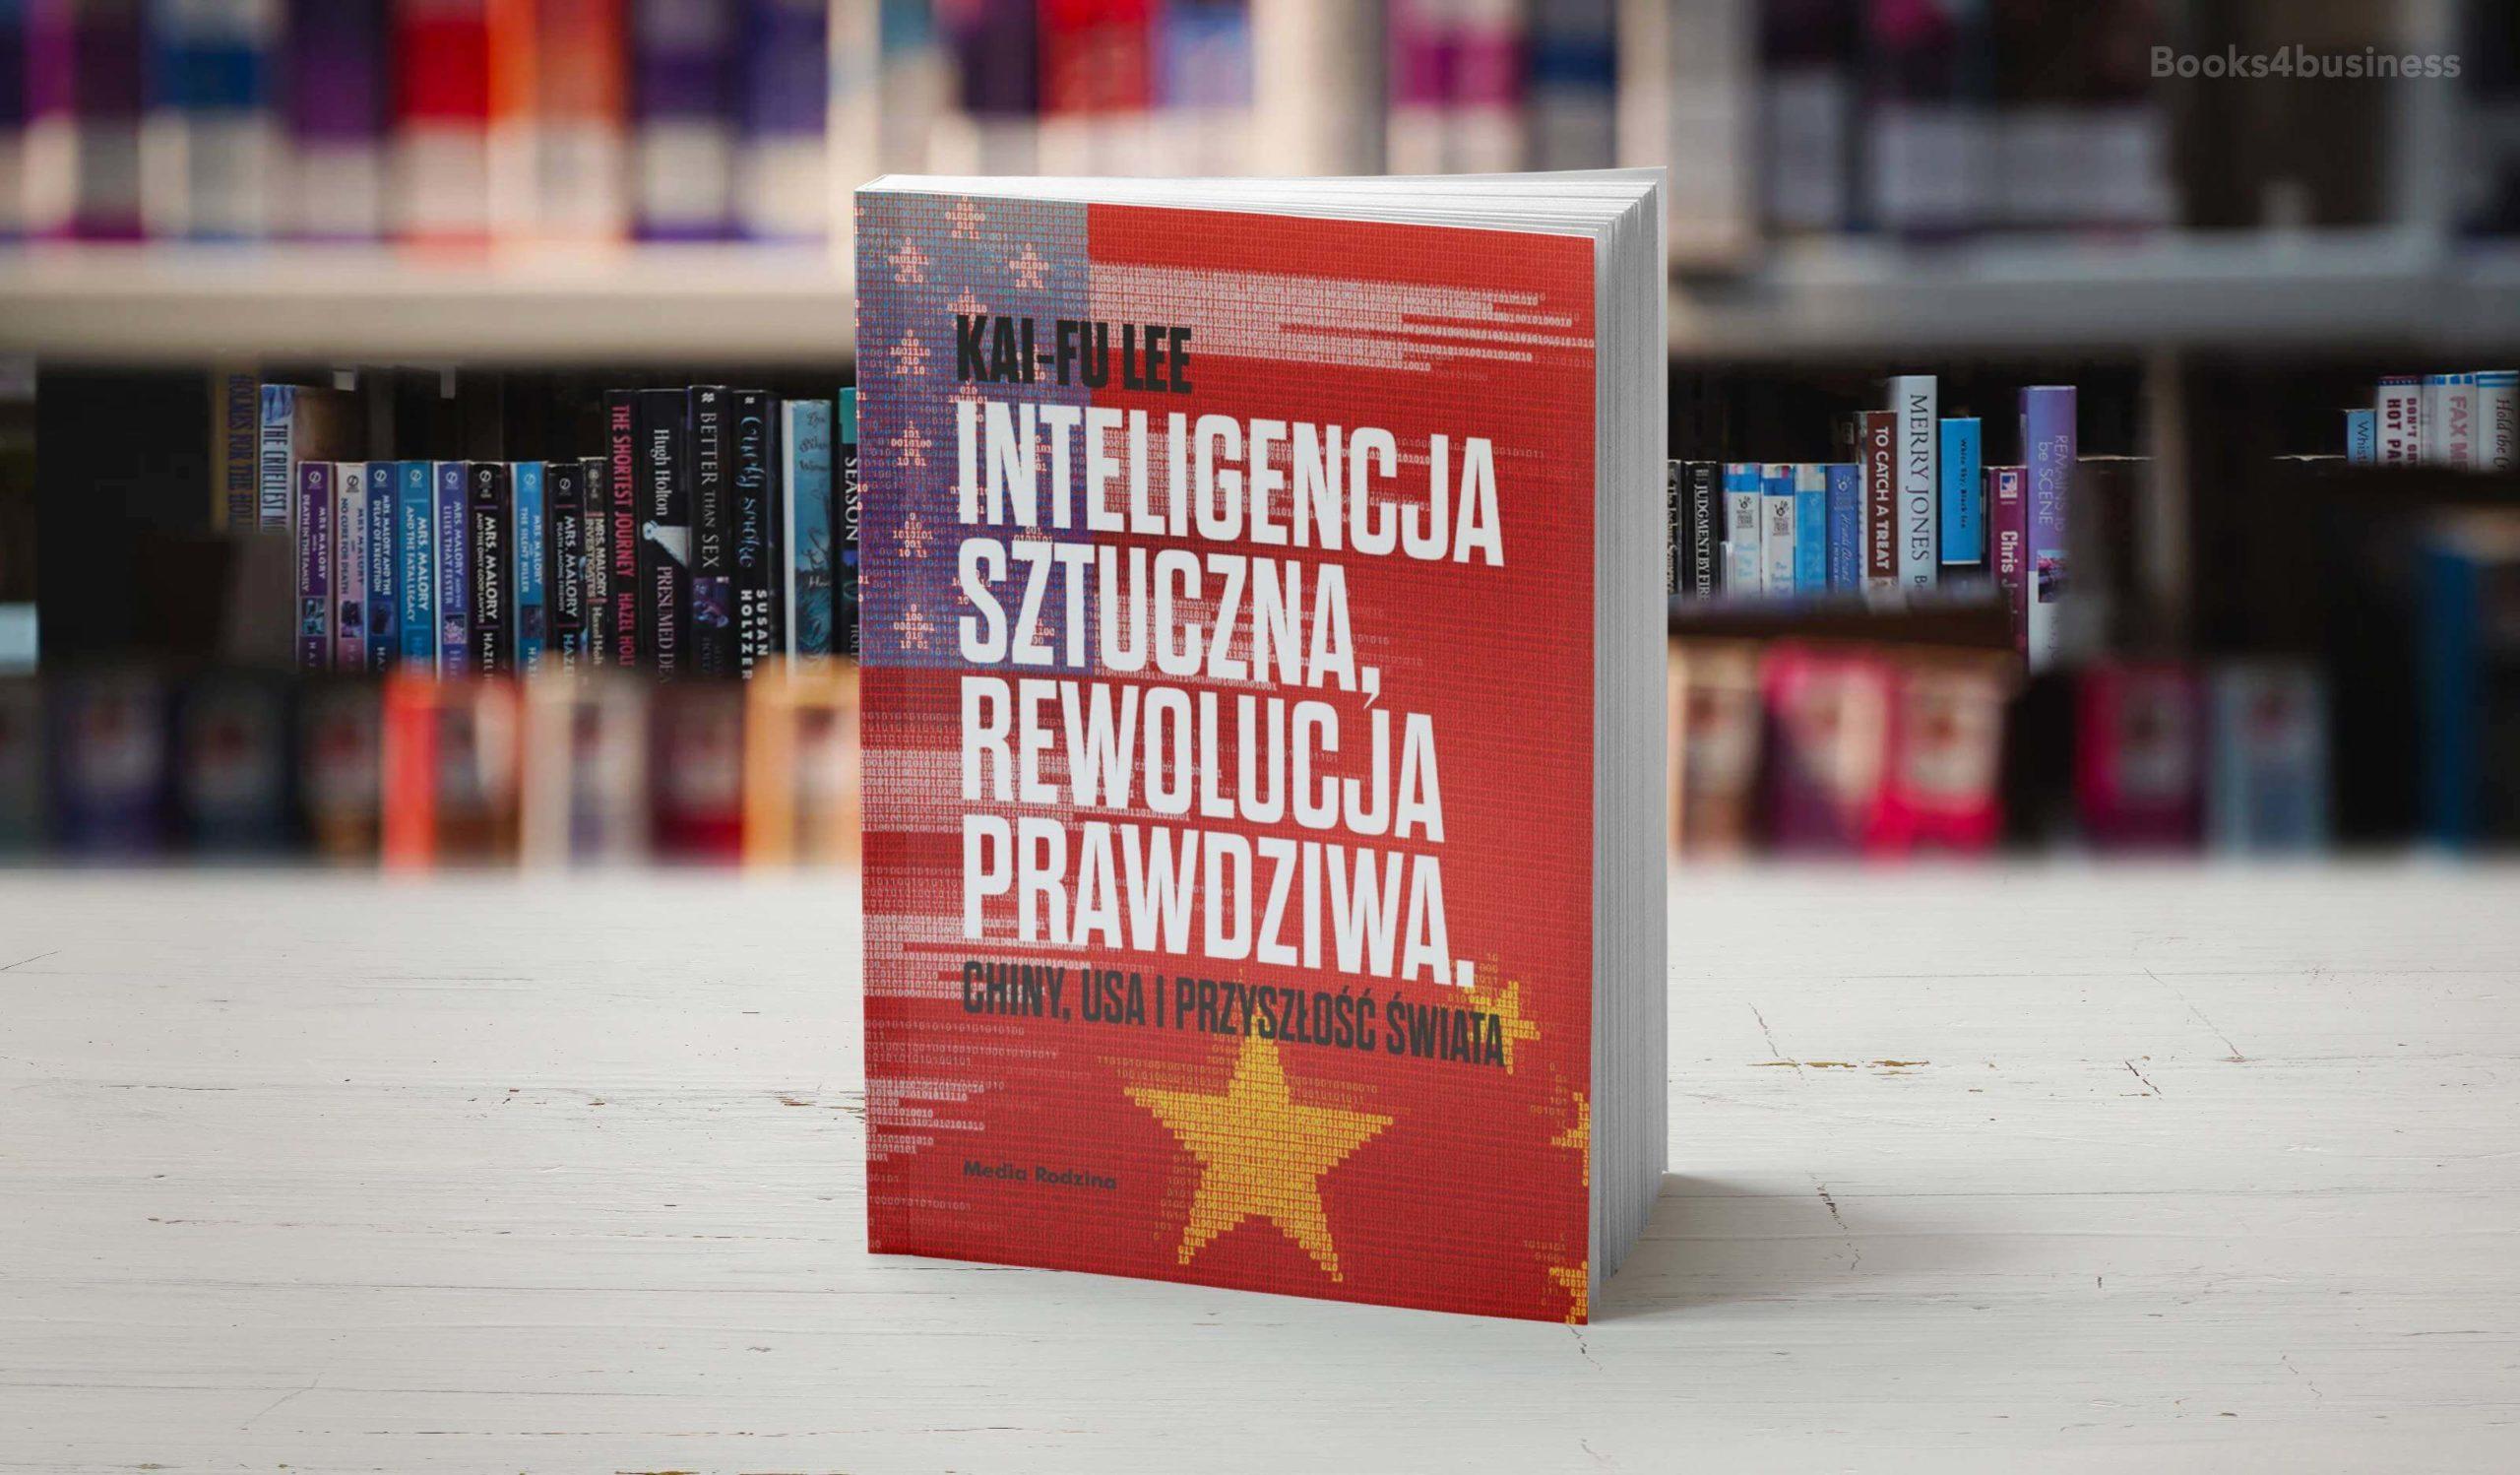 Inteligencja sztuczna, rewolucja prawdziwa. Chiny, USA i przyszłość świata